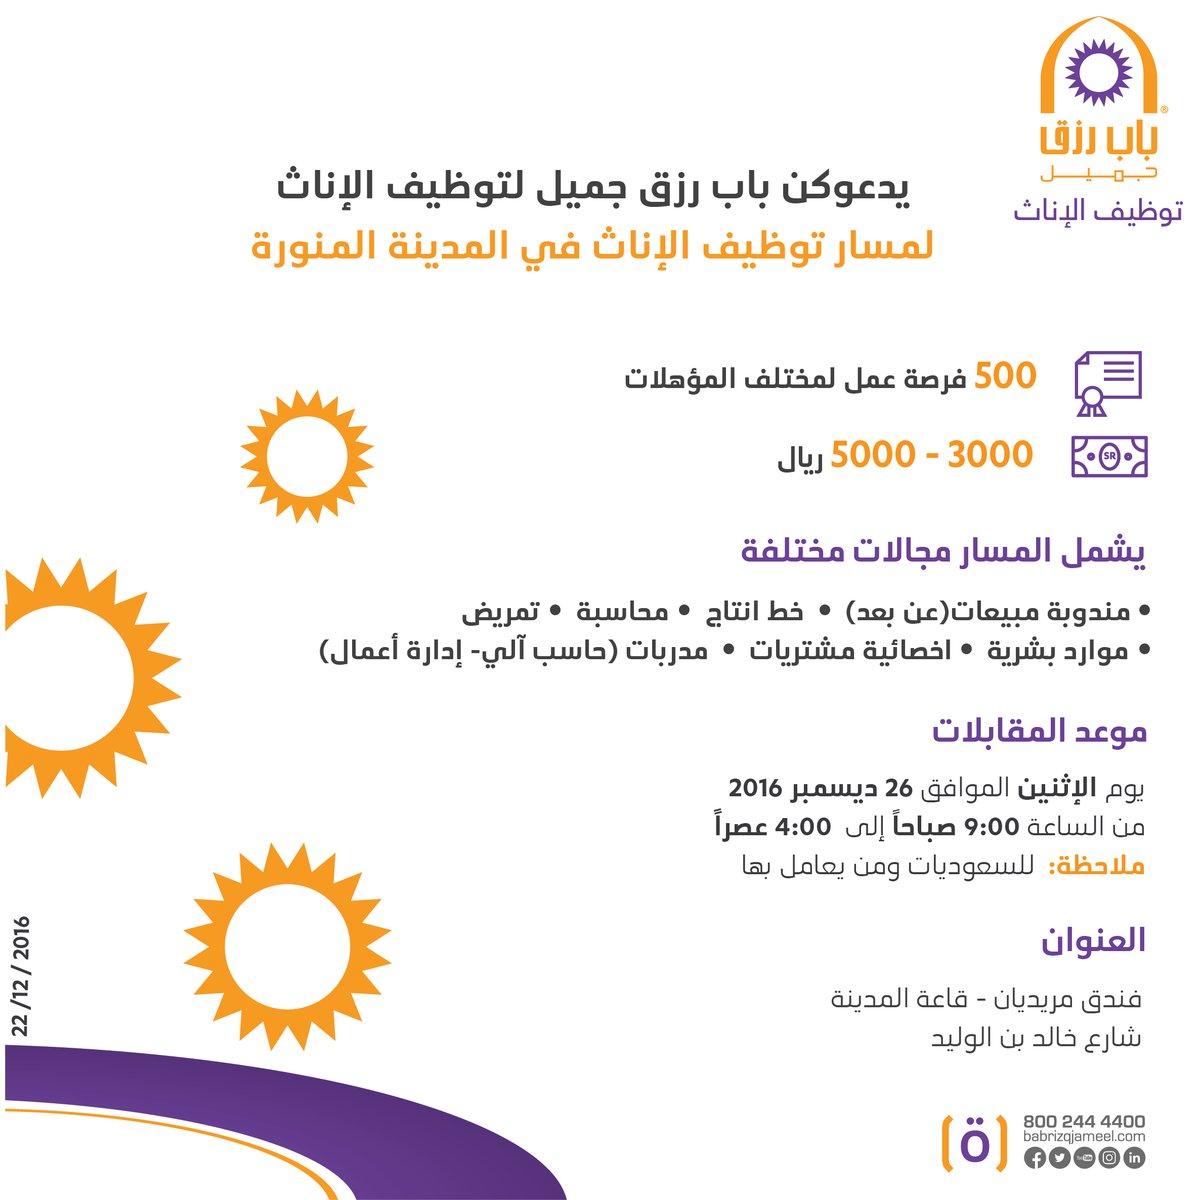 لقاء مسار توظيف الإناث من باب رزق جميل المدينة المنورة وظائف السعودية